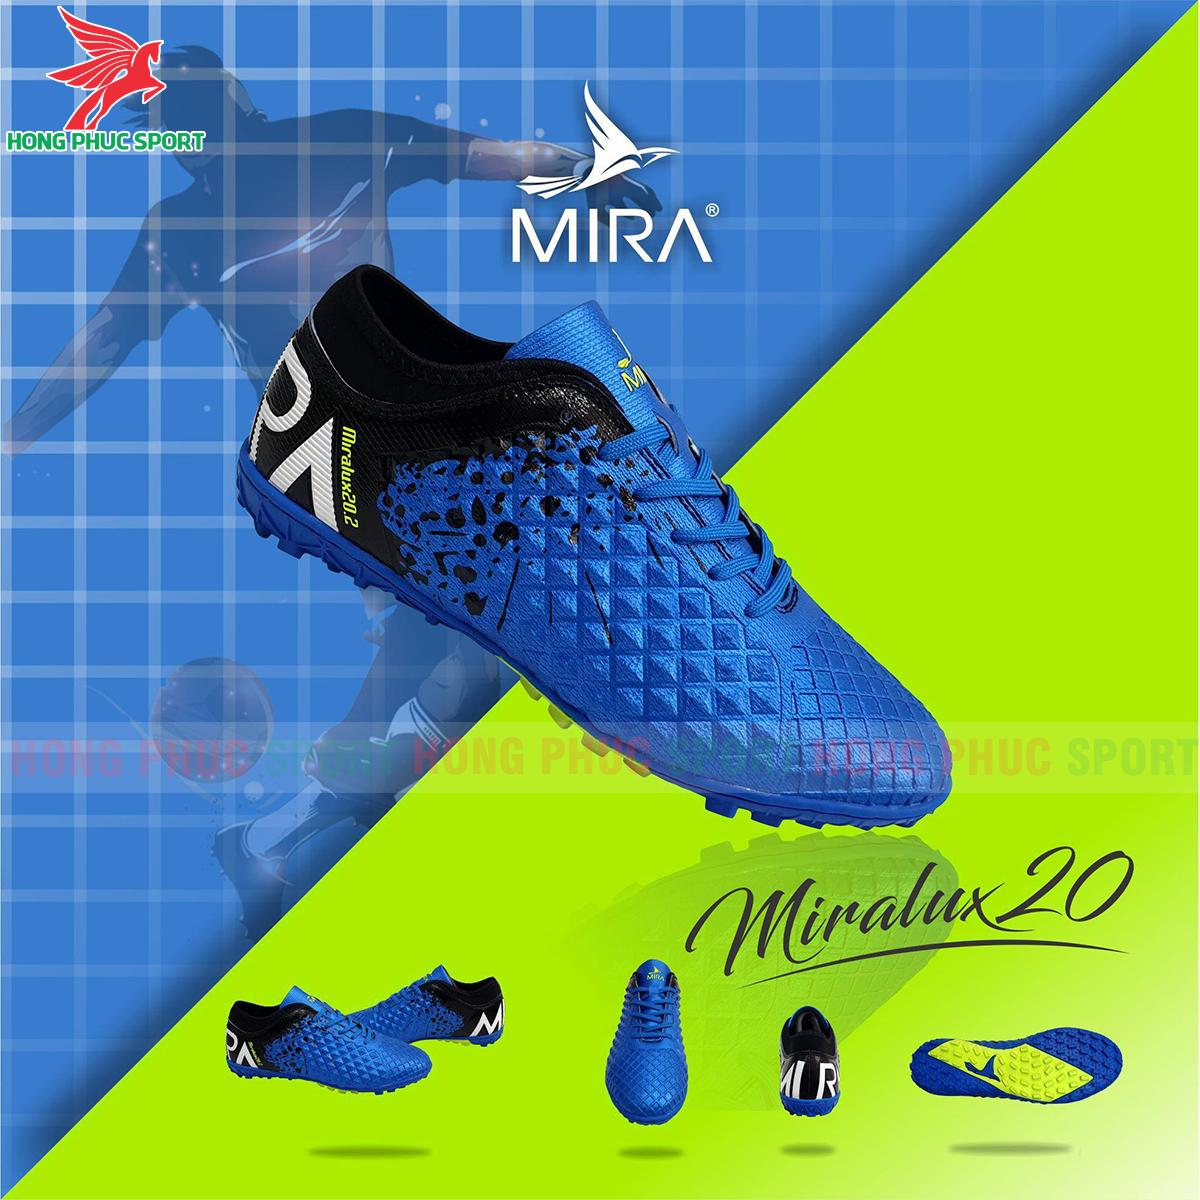 Giày Mira Lux 20.2 sân cỏ nhân tạo màu xanh dương phối đen